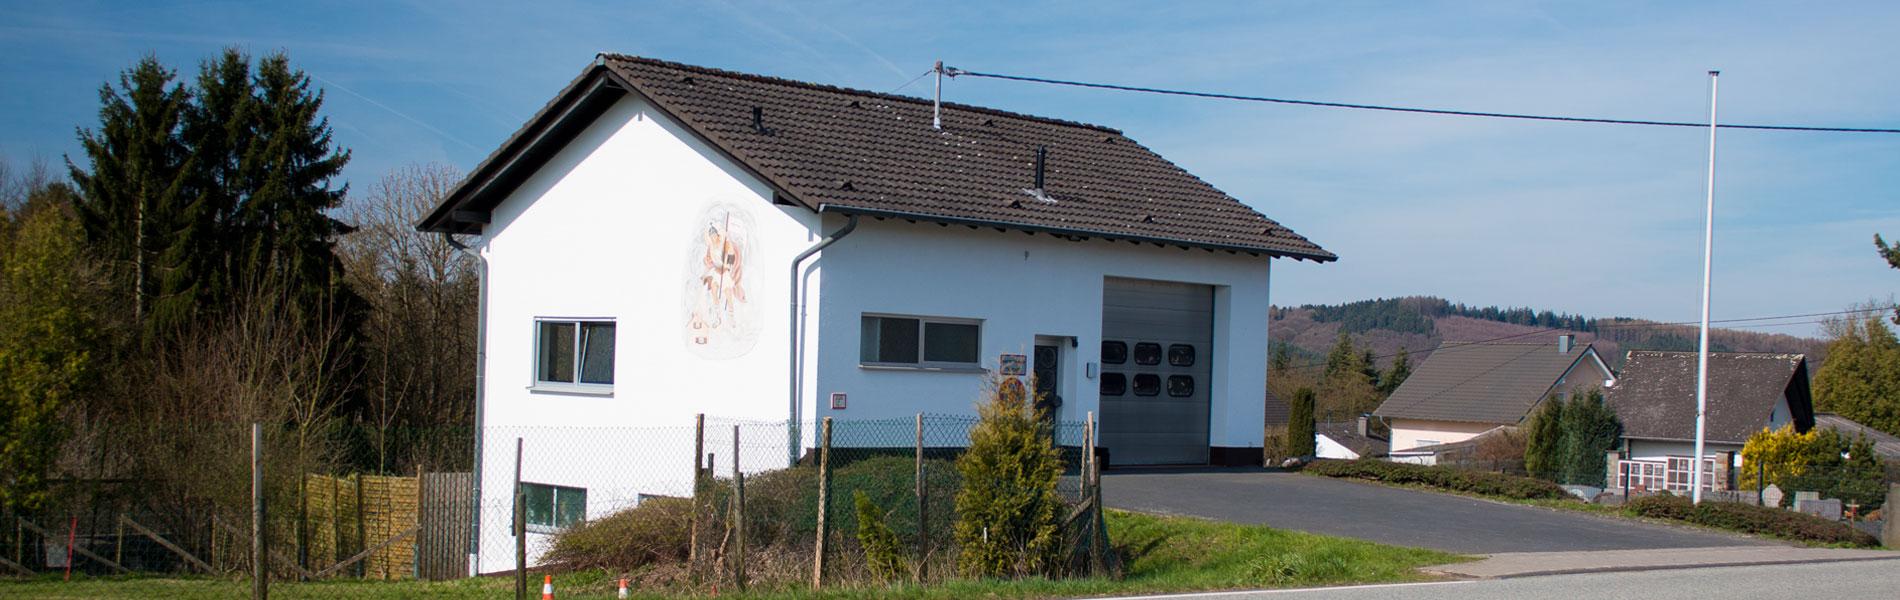 Feuerwehr-Strauscheid_Gerätehaus_VG-Asbach